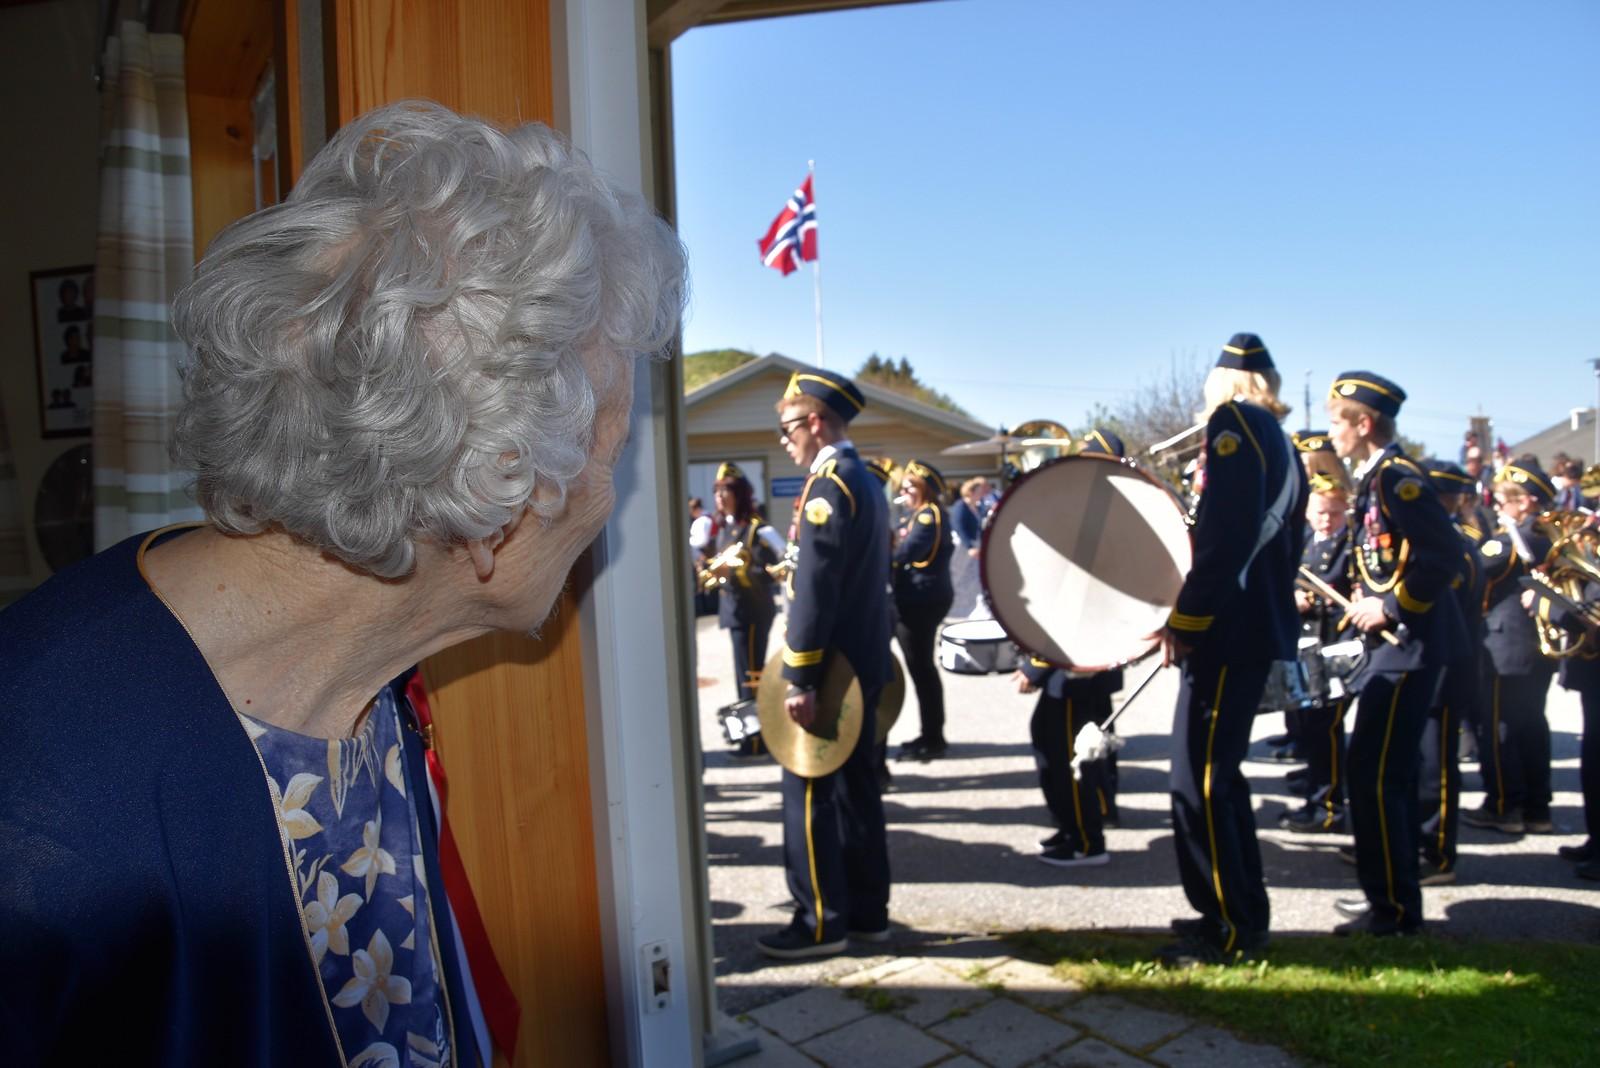 Borgny Mahle i Bud fyller 102 år i sommer. I dag ventet hun spent på toget som kom til Lundhaugen omsorgssenter.